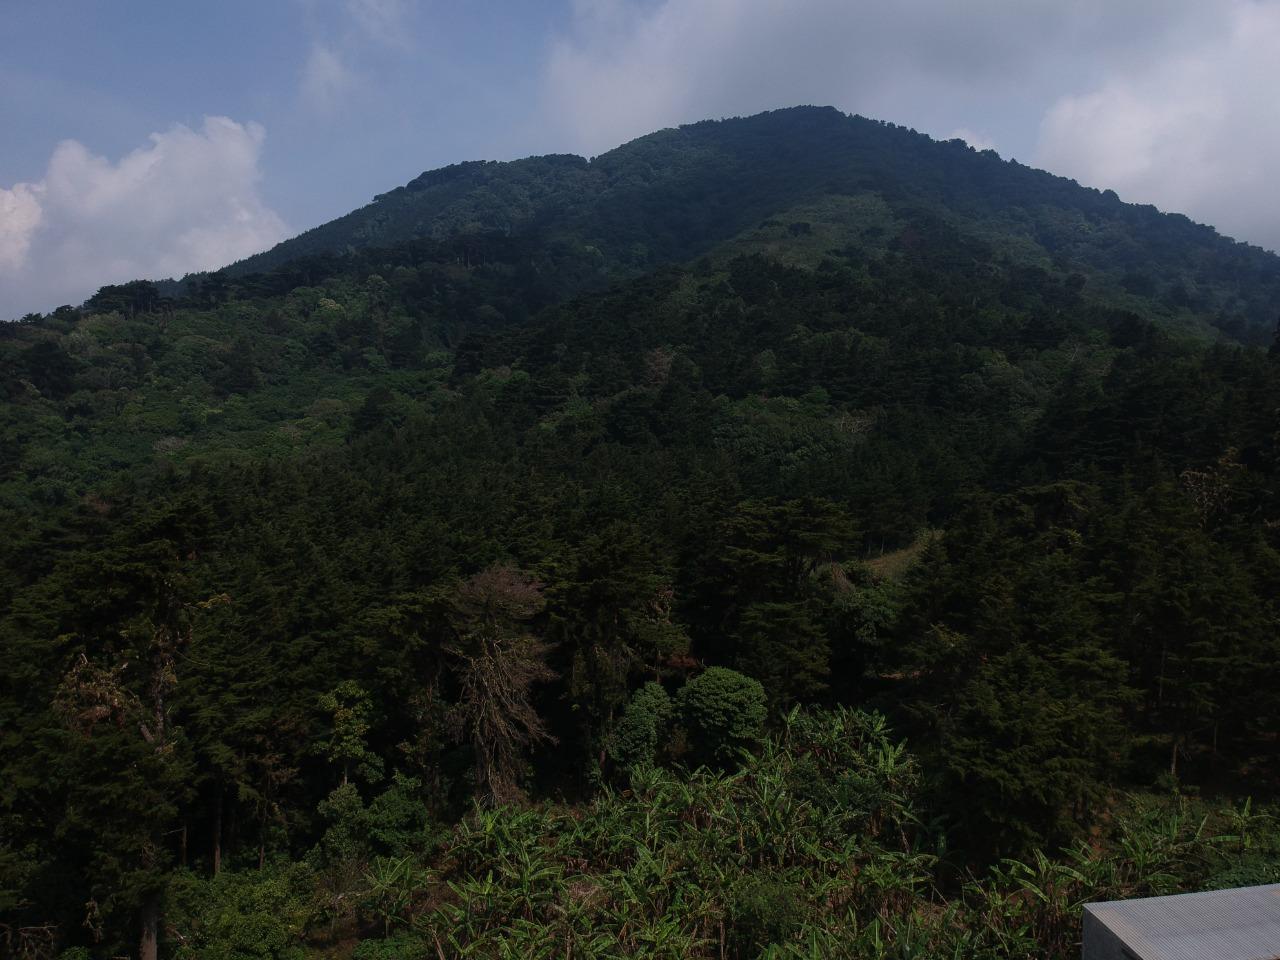 Los habitantes dicen que después de la tala masiva de árboles en el cerro el Águila, ha habido un cambio de clima en el bosque y eso afecta a sus cultivos. Foto/Crack Rodríguez.